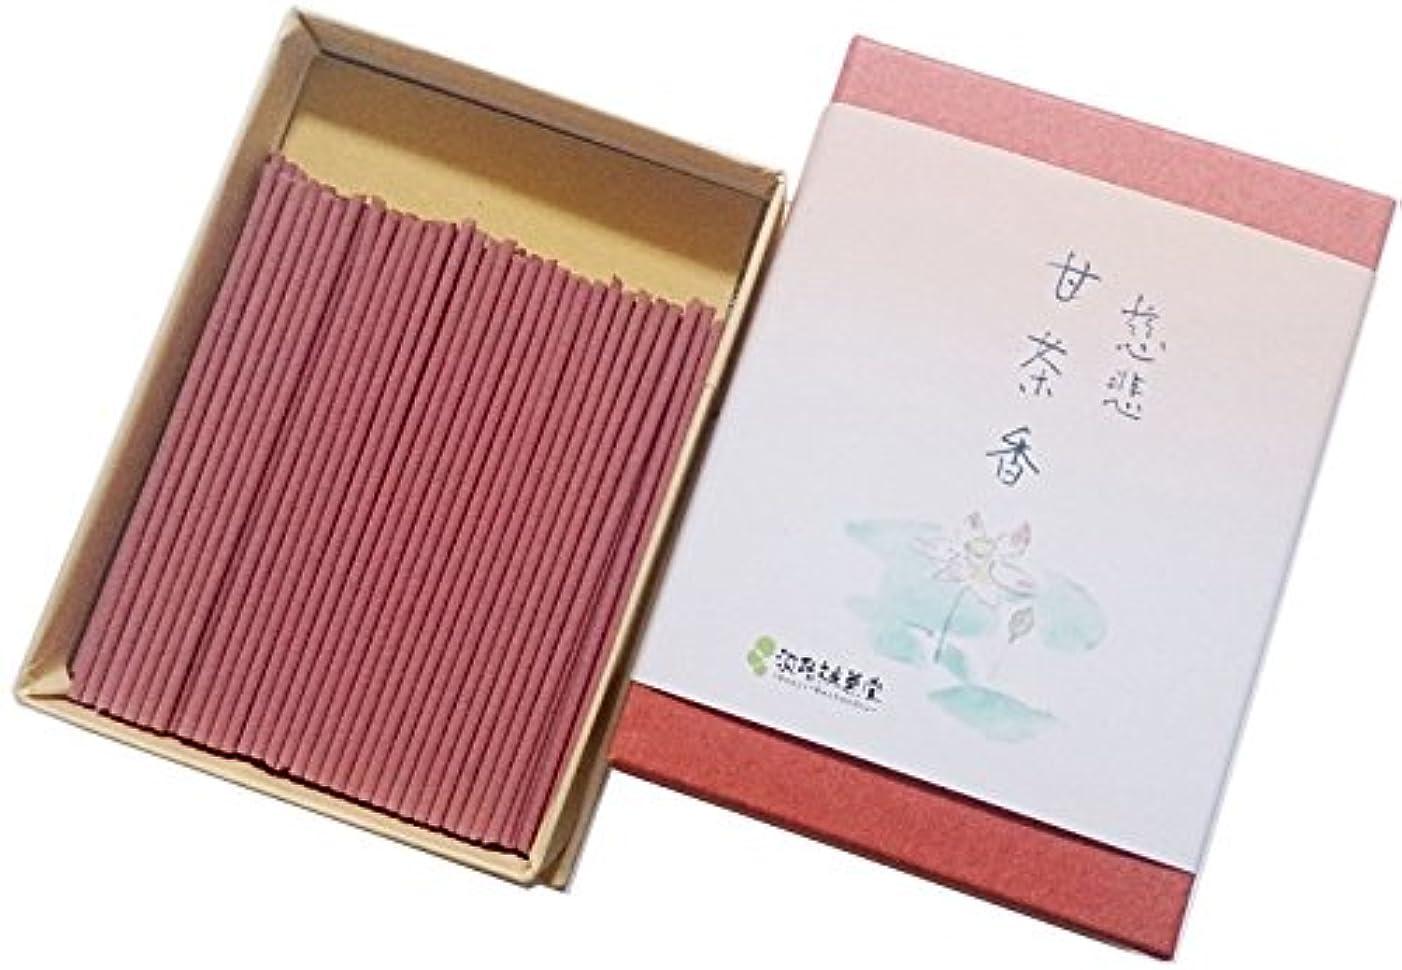 シャイニング船形安全な淡路梅薫堂のお香 慈悲甘茶香 25g #54 ミニ寸 いい香り いい匂い お線香